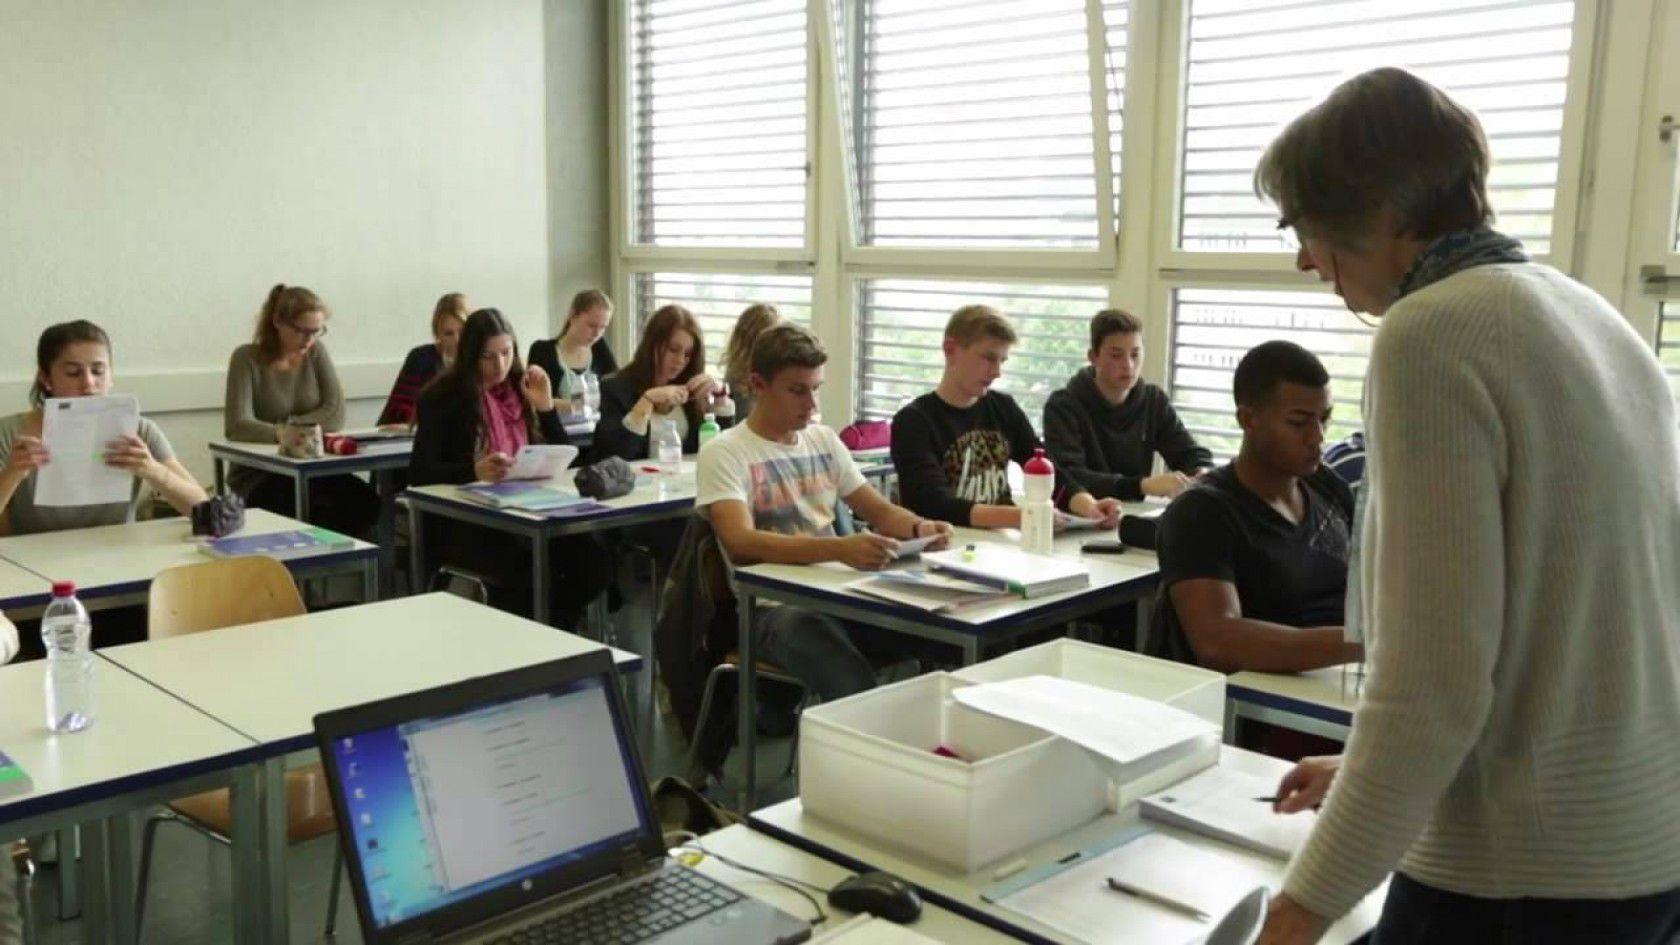 İsviçre Kolej Eğitimi için SLEP Sınav Başvuruları Nasıl Yapılır?